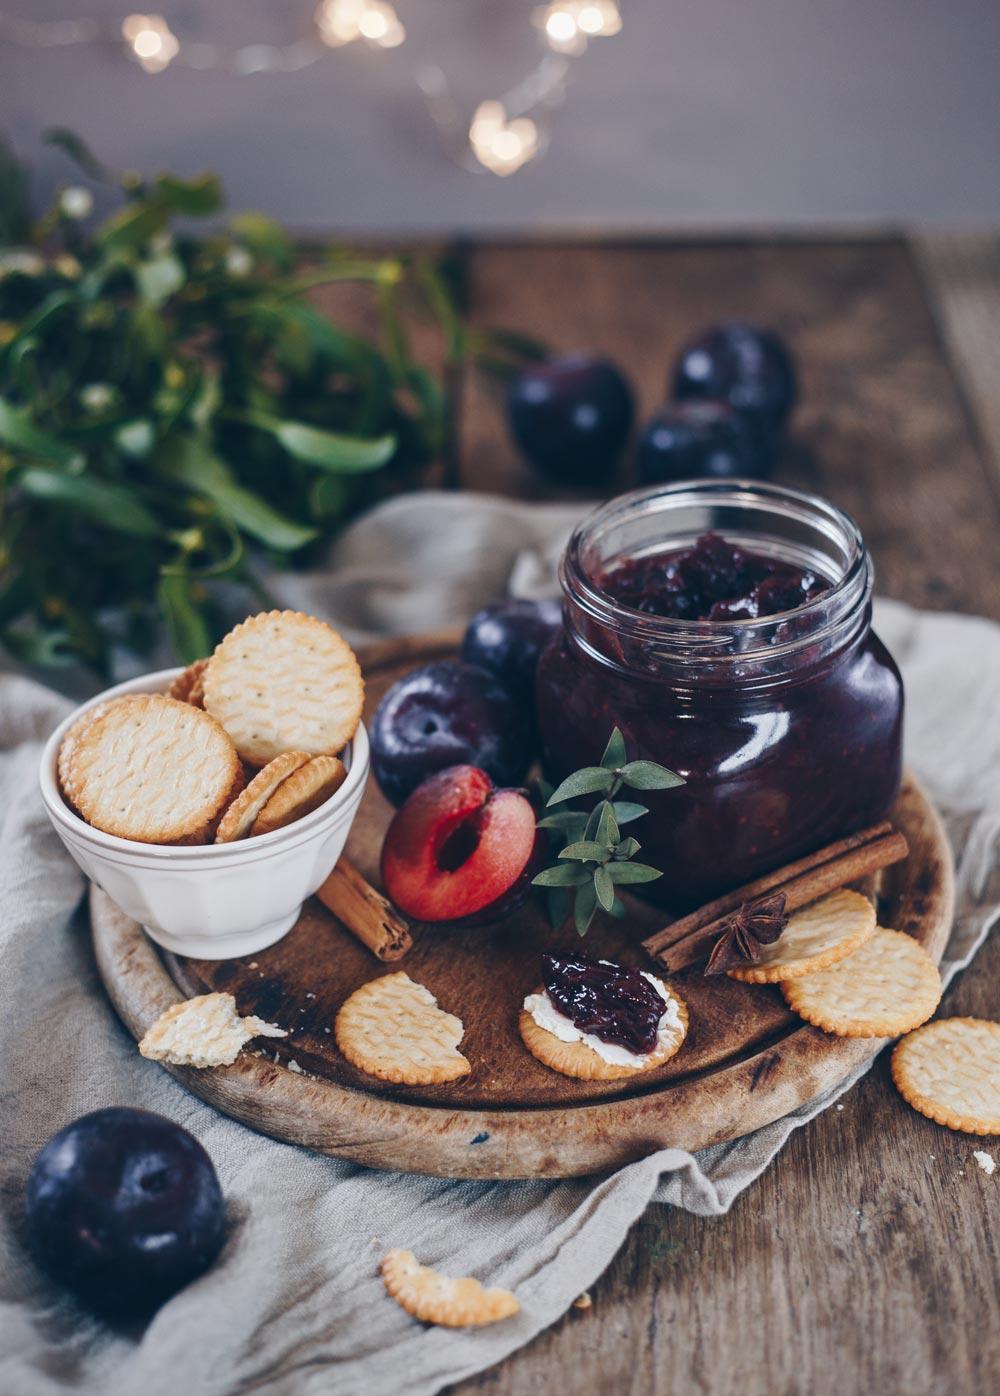 Pflaumen-Rotwein-Chutney Rezept - Geschenke aus der Küche selbermachen